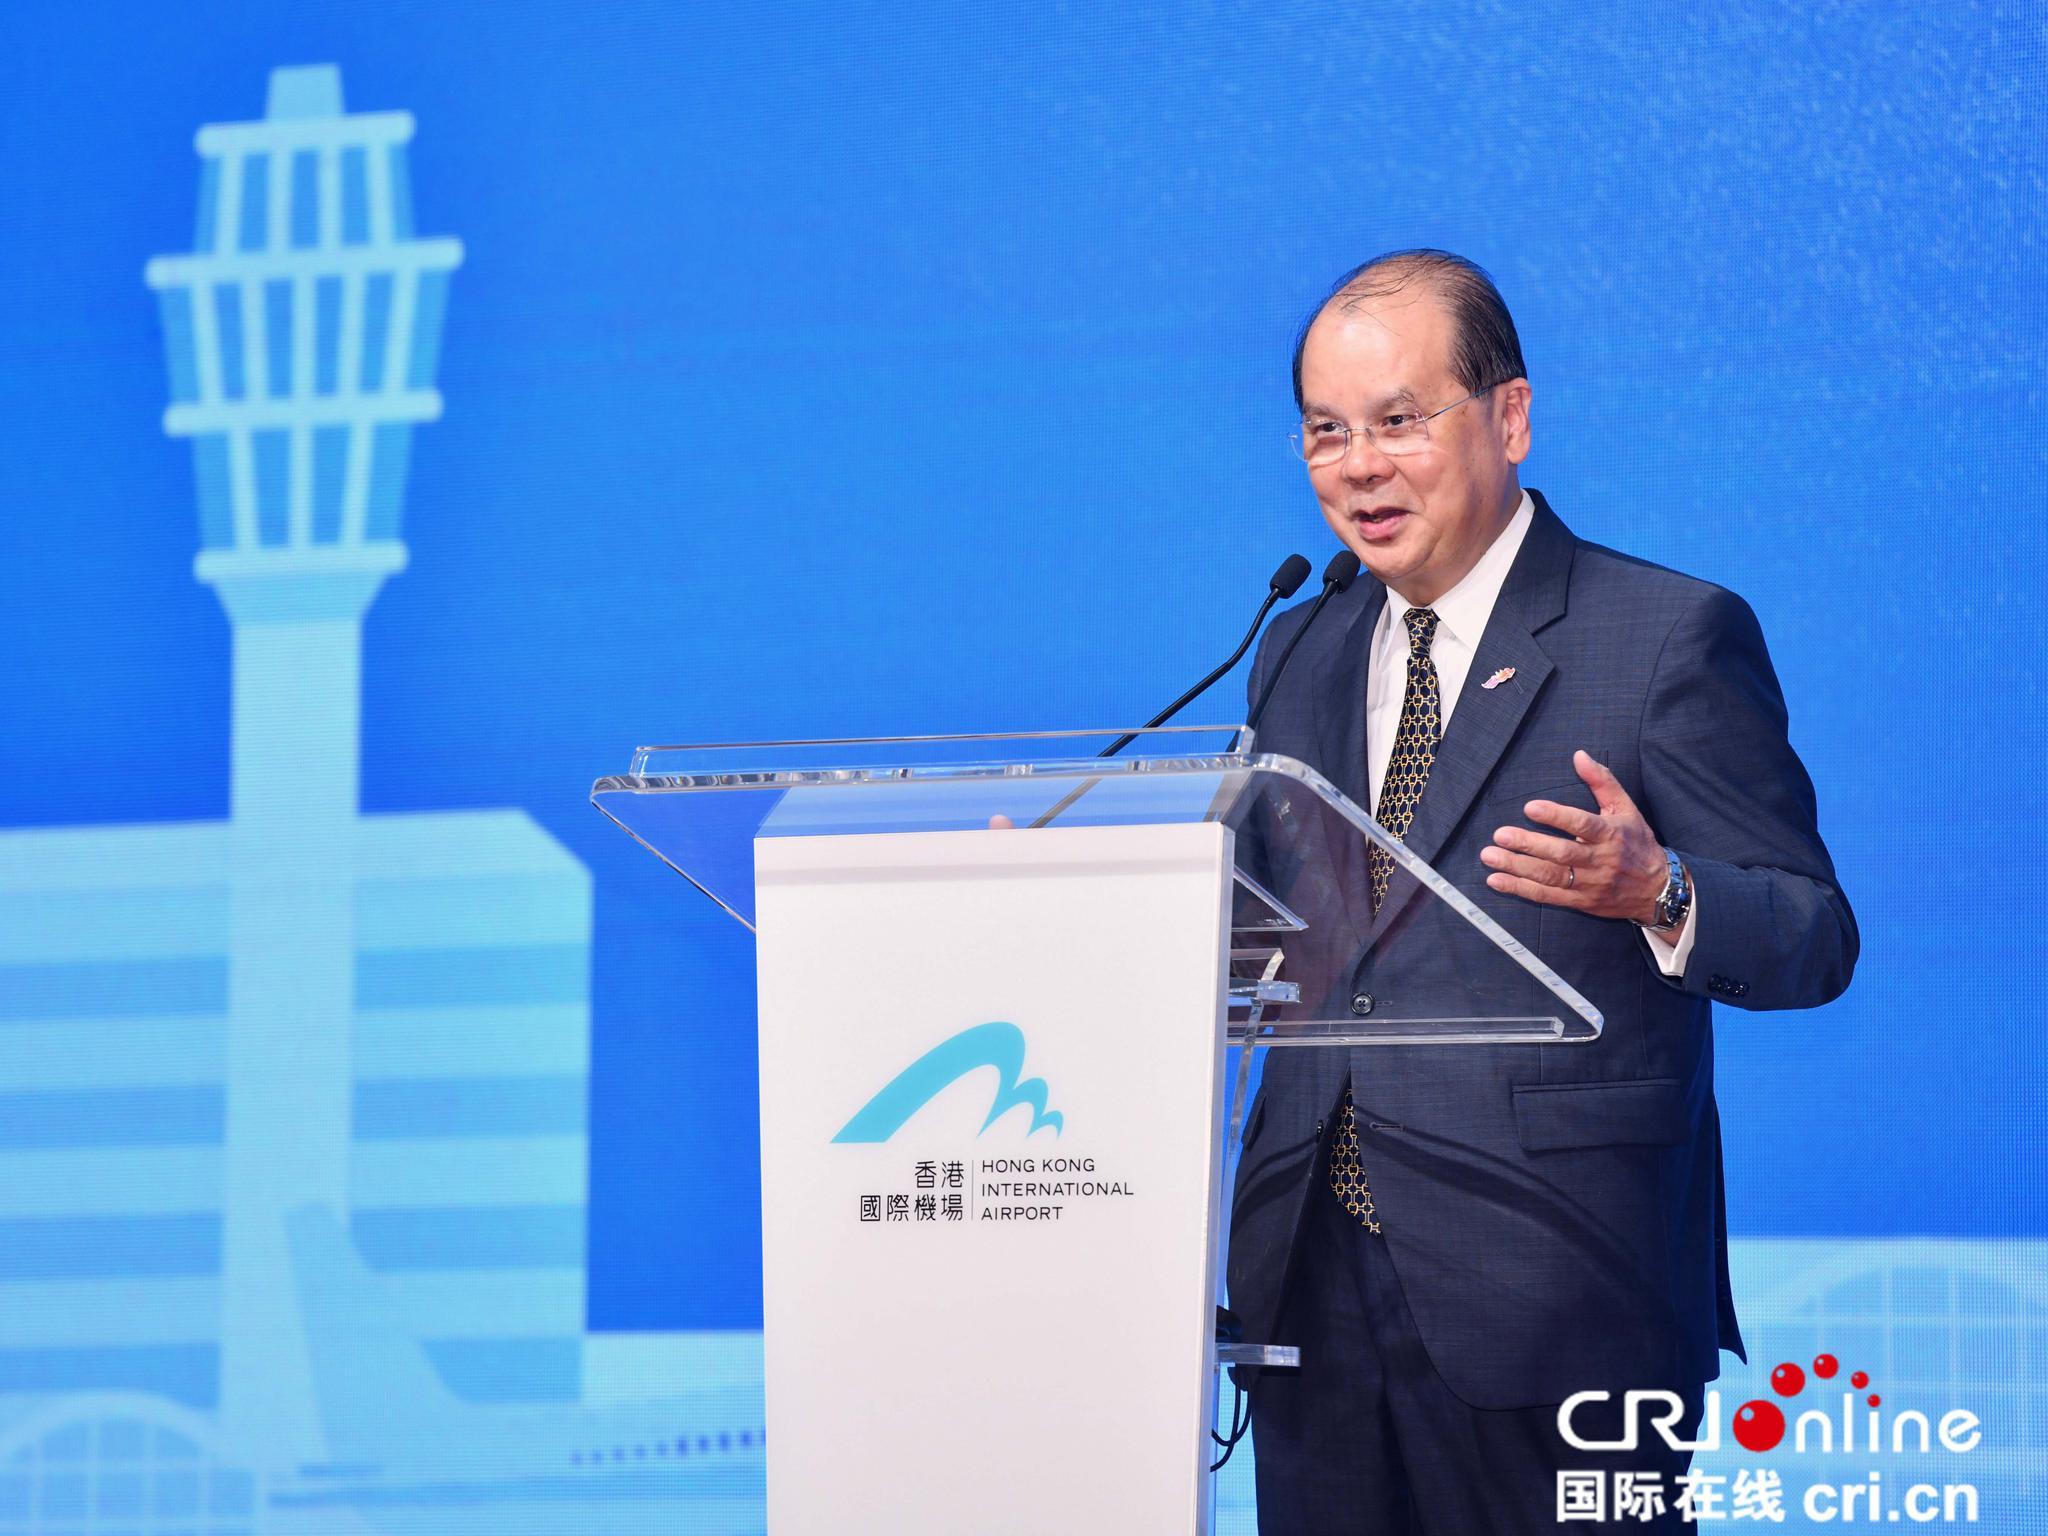 张建宗表示真正爱护和关心香港发展的人绝不会牺牲社会安宁